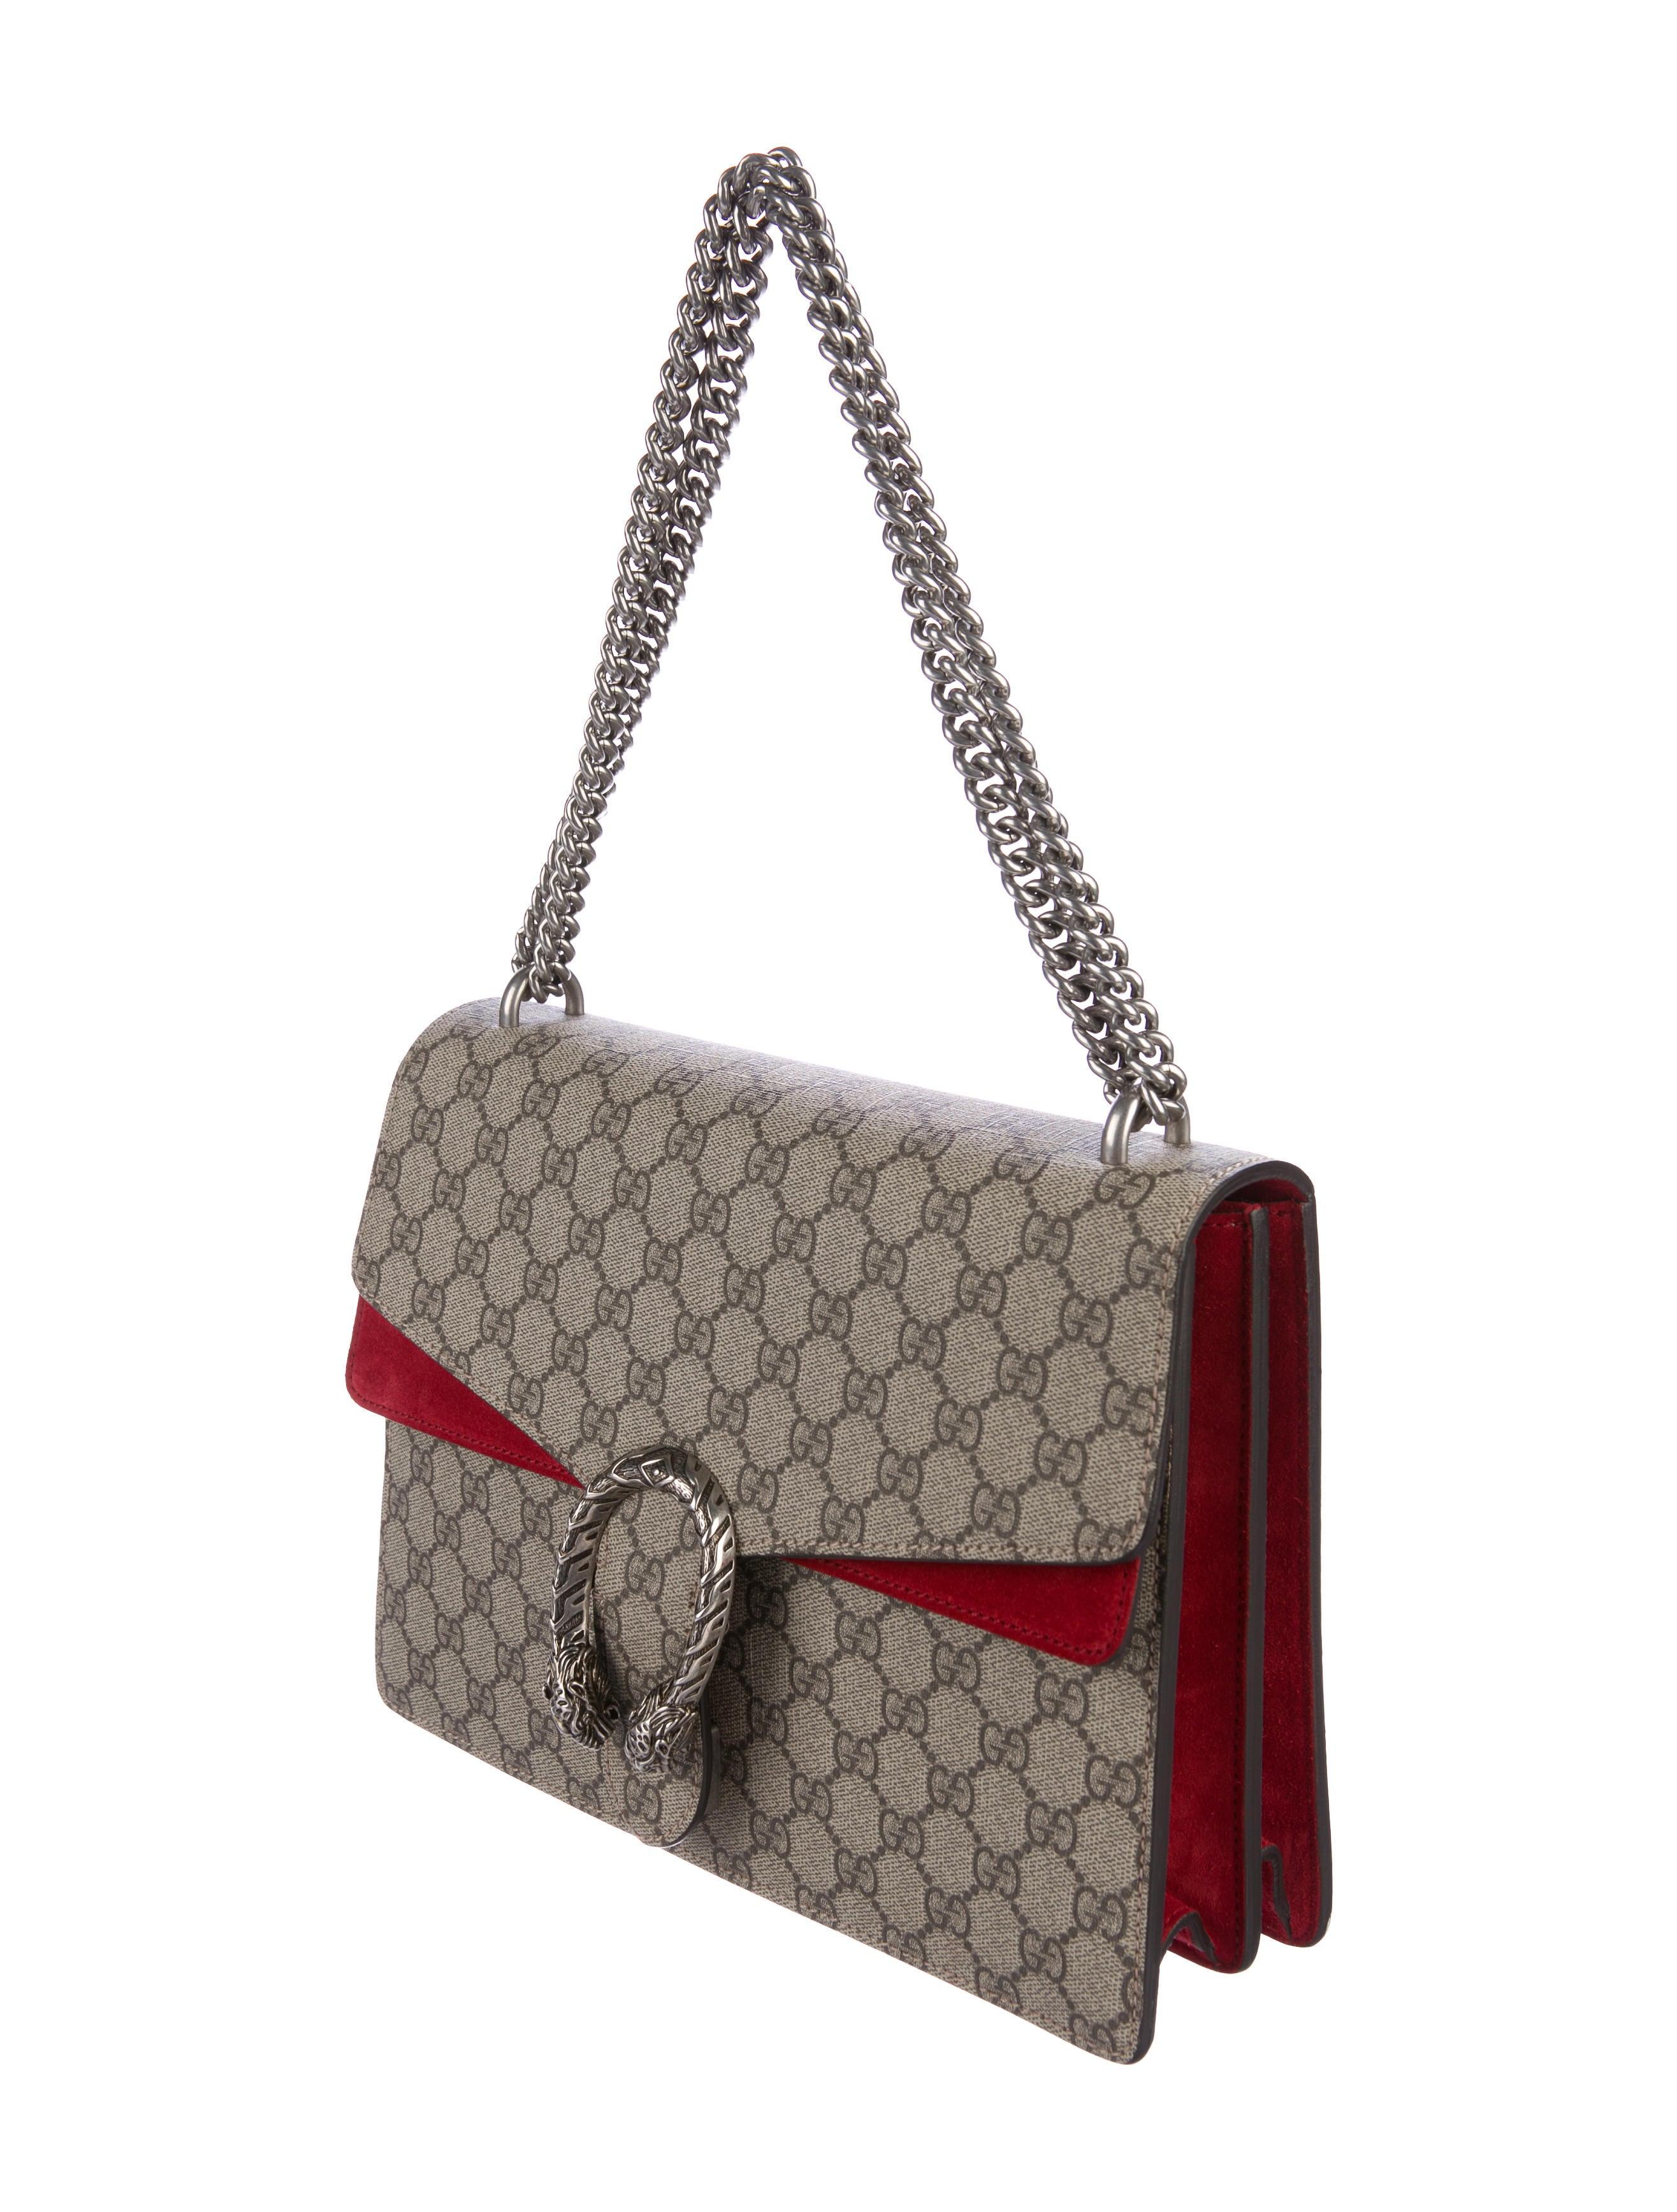 44d1f5a4bc12 Gucci Dionysus Gg Supreme Shoulder Bag Medium   Stanford Center for ...